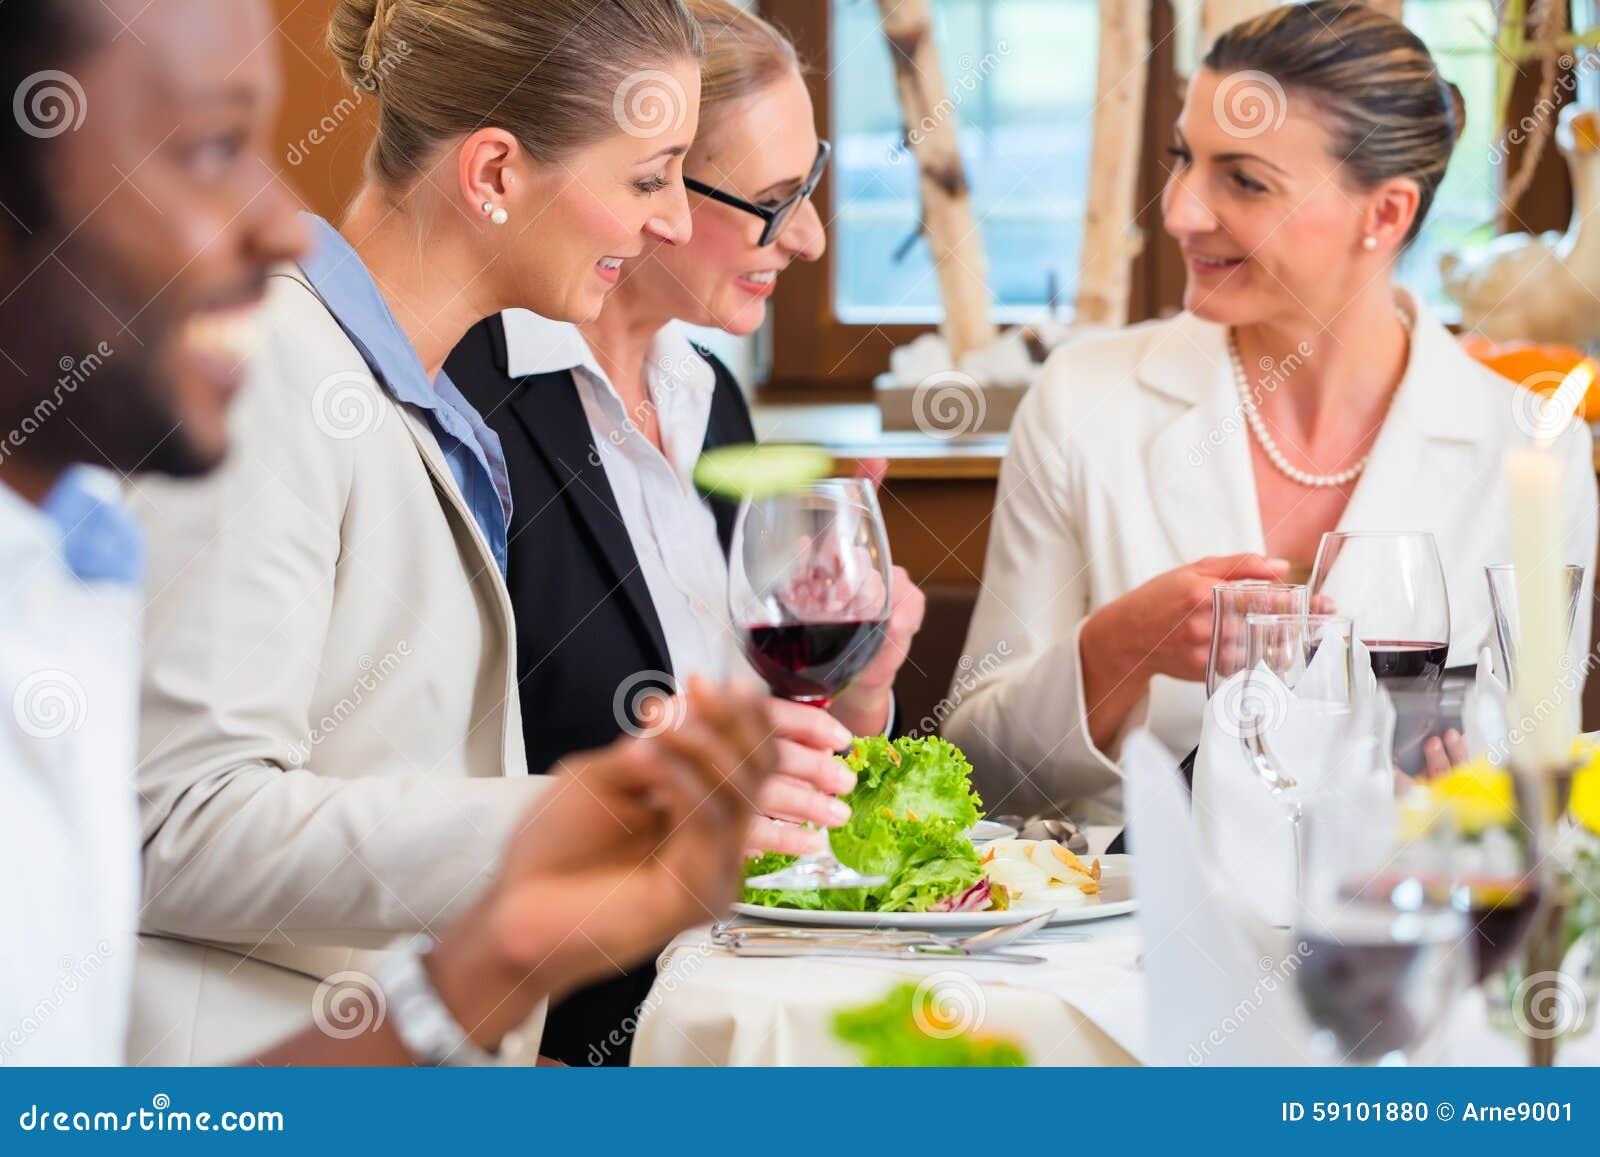 工作午餐在餐馆用食物和酒